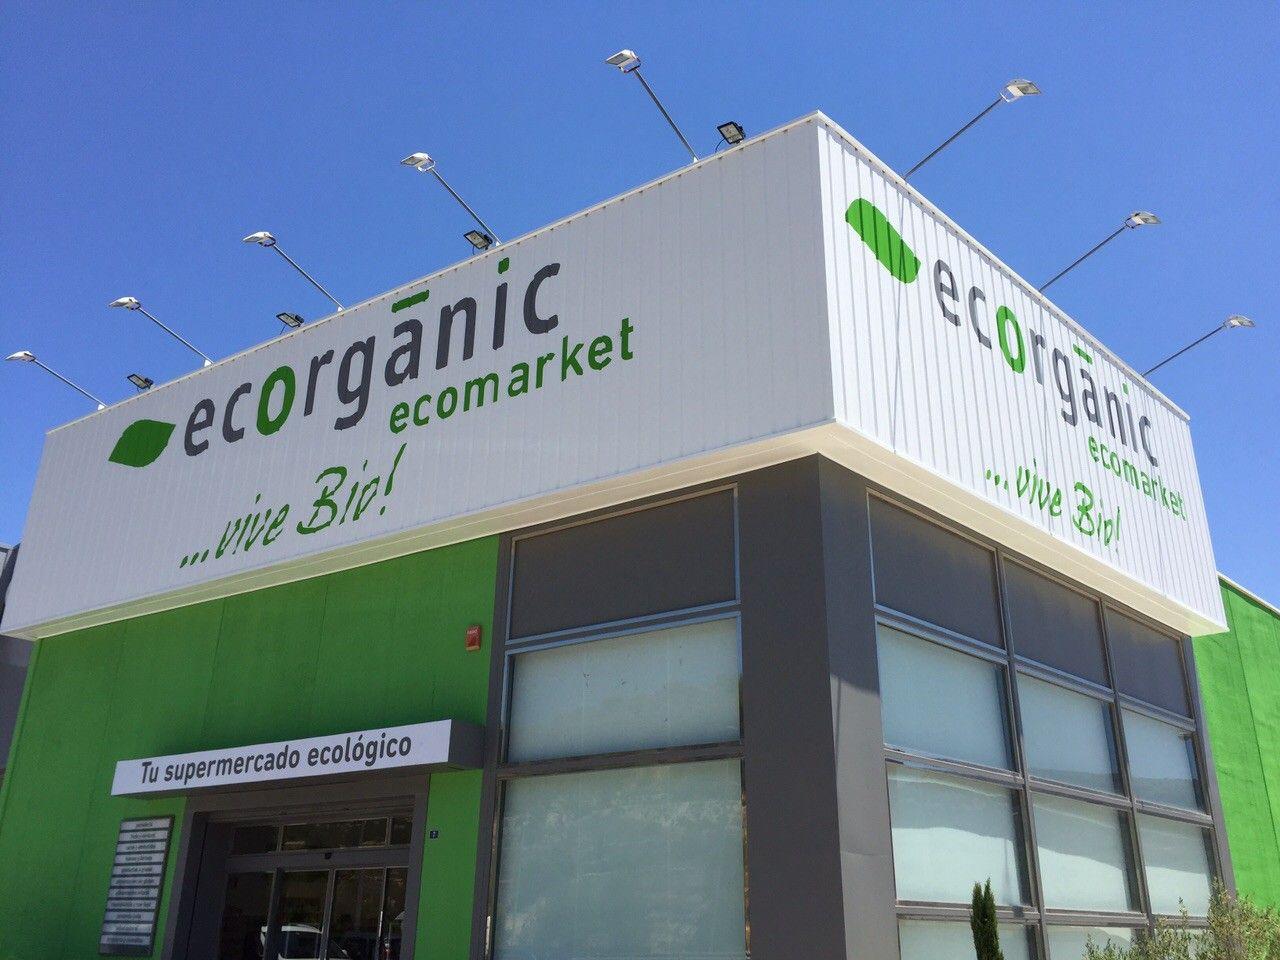 Nuestras Tiendas Ecorganic En Valencia Y Cocentaina Alcoy Ecorgánic Tu Supermercado Ecológico Tiendas Supermercado Benidorm